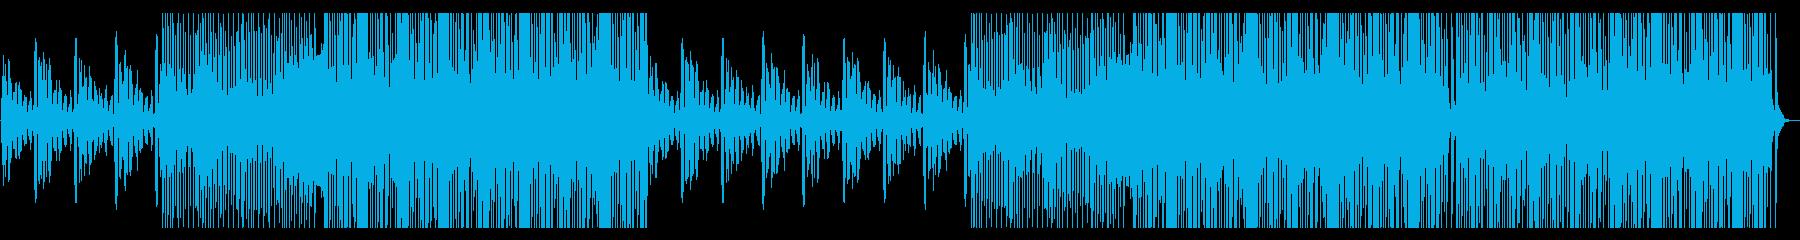 シンプル/ハウス2_No403の再生済みの波形